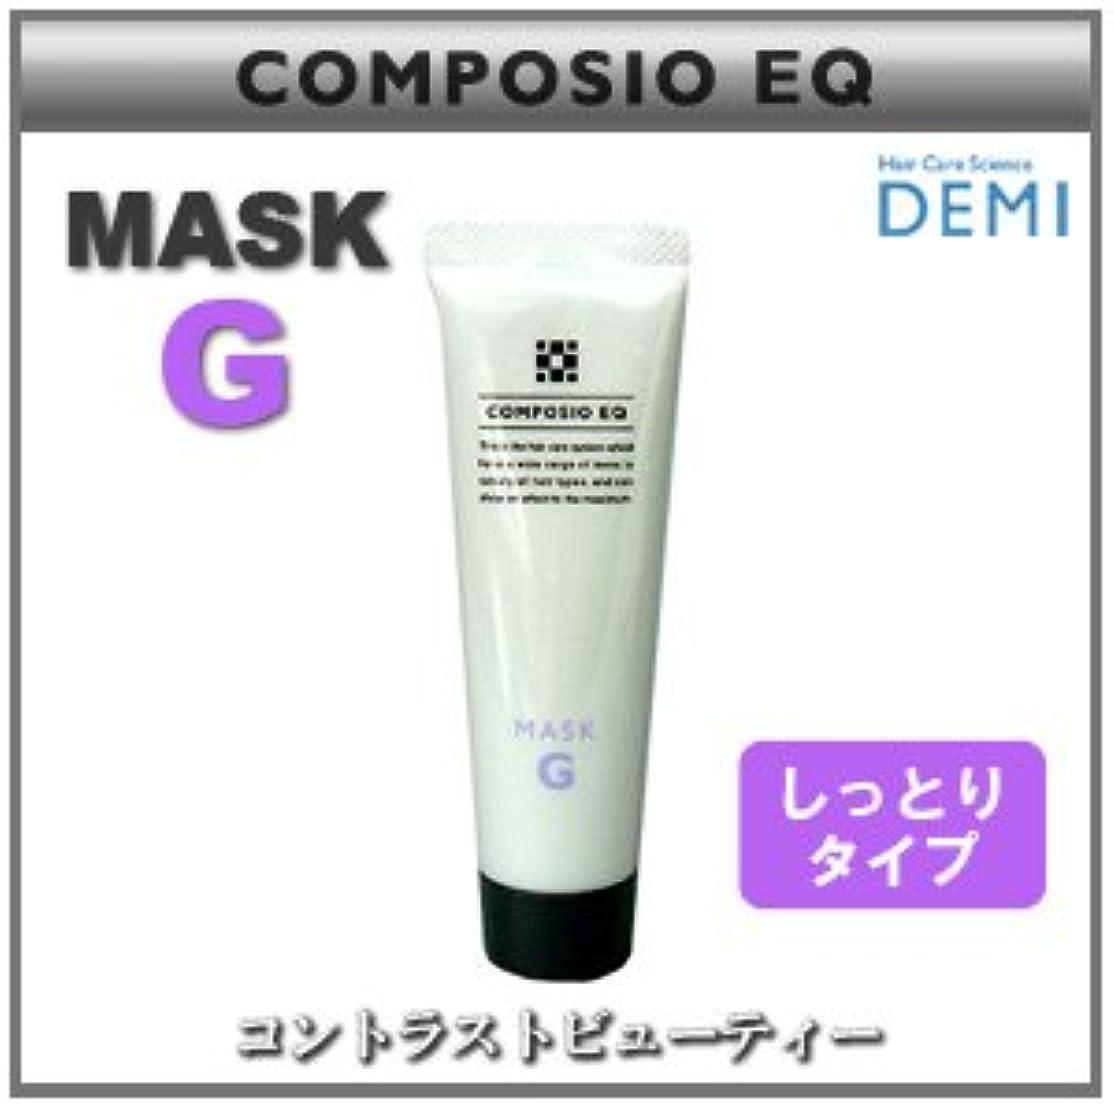 軽シングルメガロポリス【X3個セット】 デミ コンポジオ EQ マスク G 50g